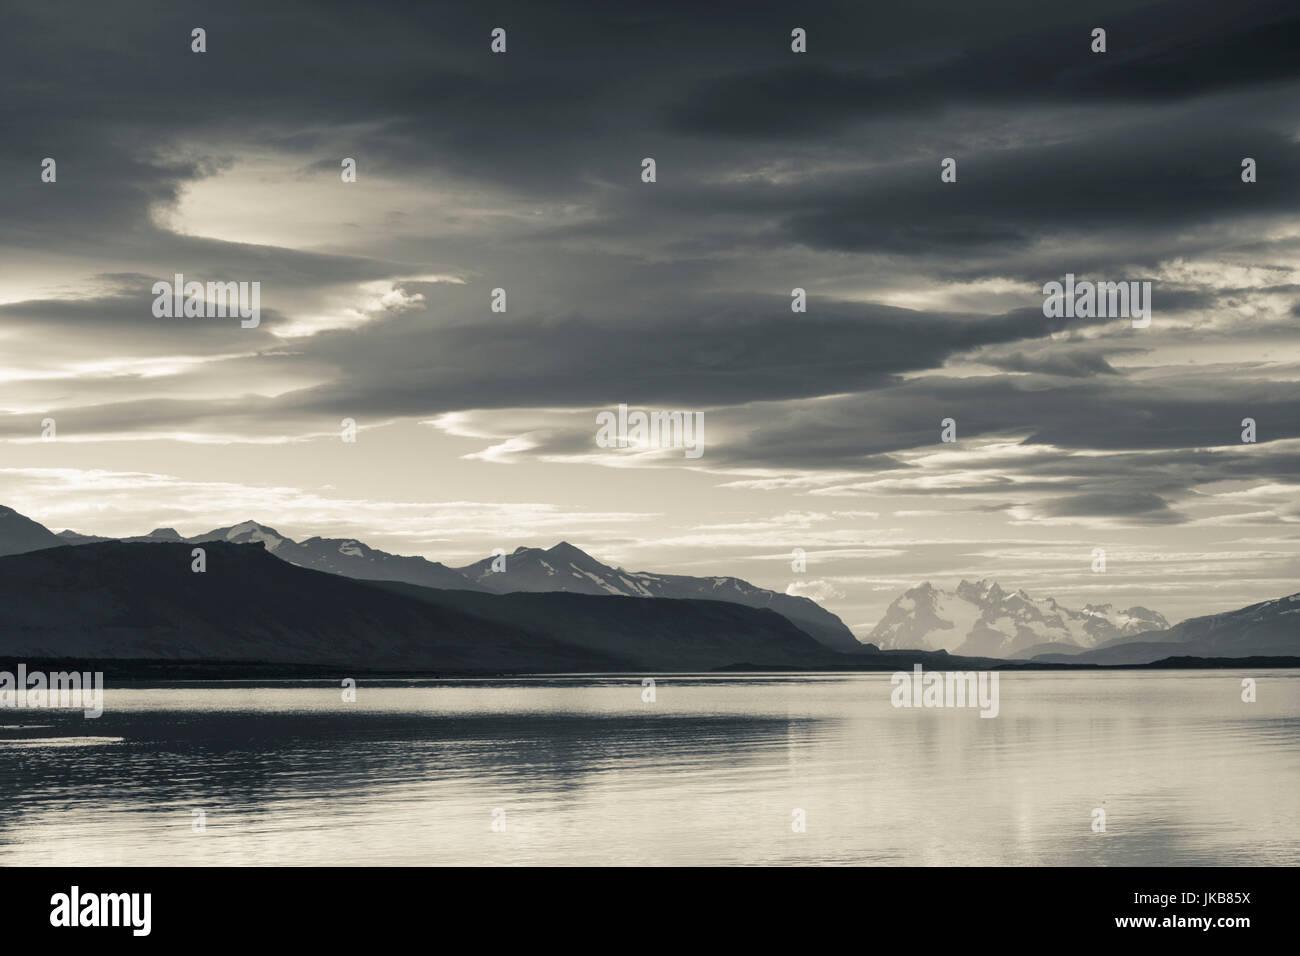 Chile, Región de Magallanes, Puerto Natales, Seno de Ultima Esperanza, el paisaje de la bahía Imagen De Stock